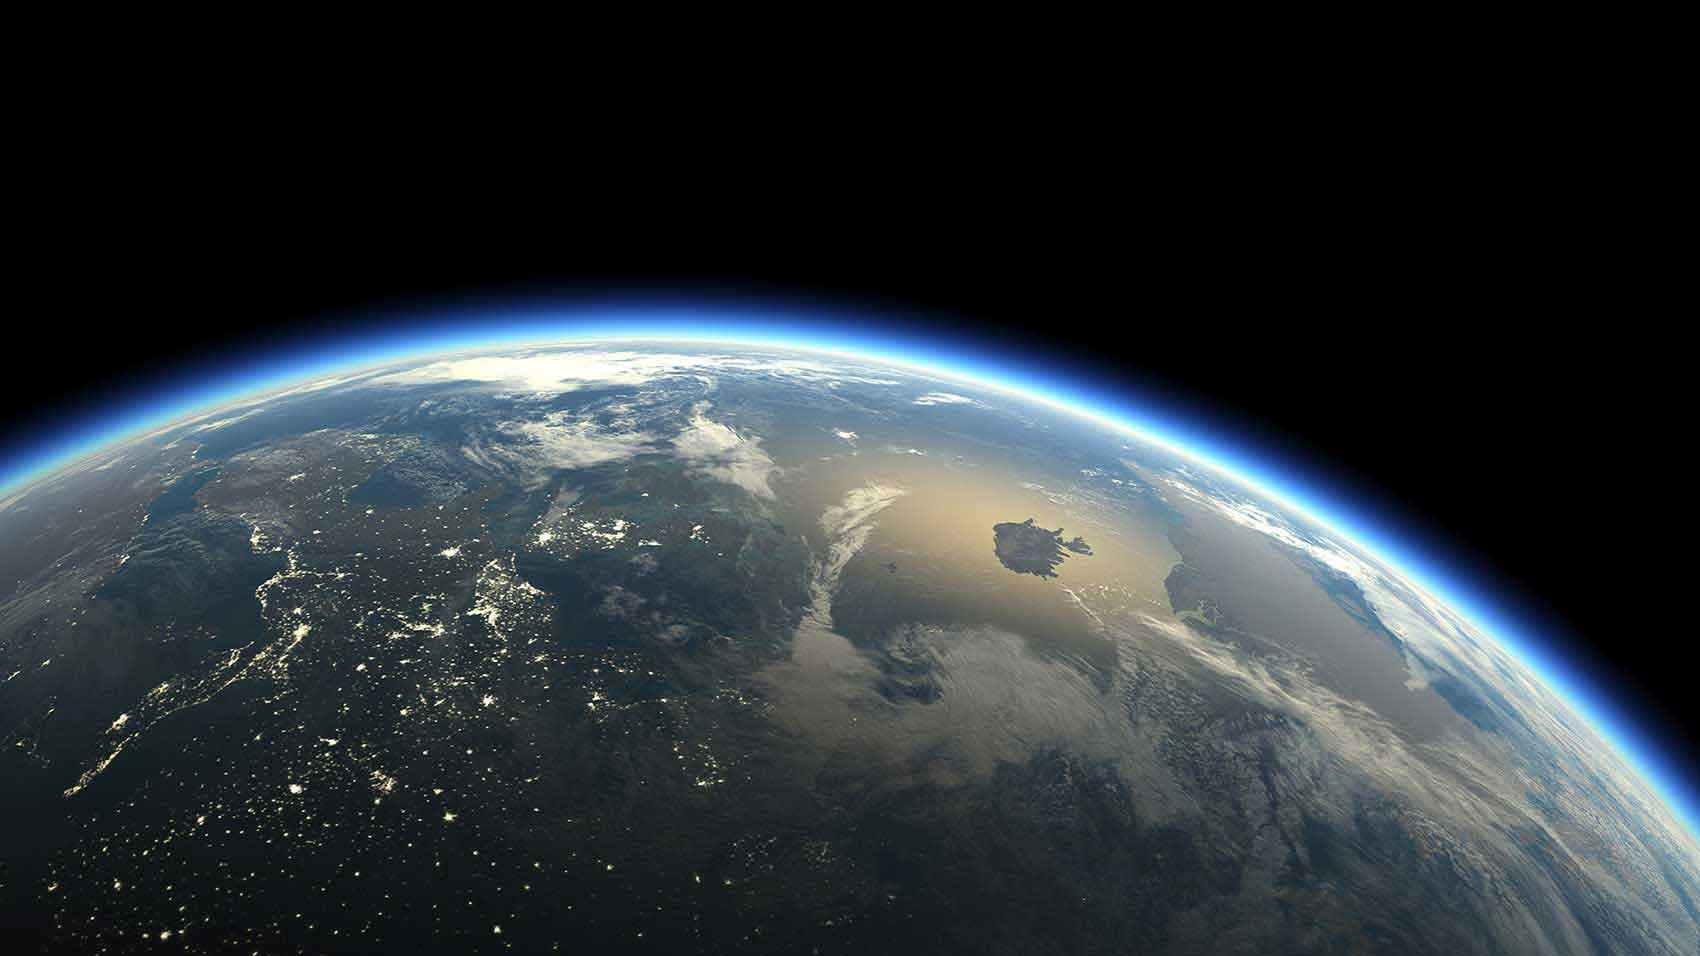 IMAX 影片、《生命之源》,使得环境责任和环境保护成为观众们的谈话焦点。